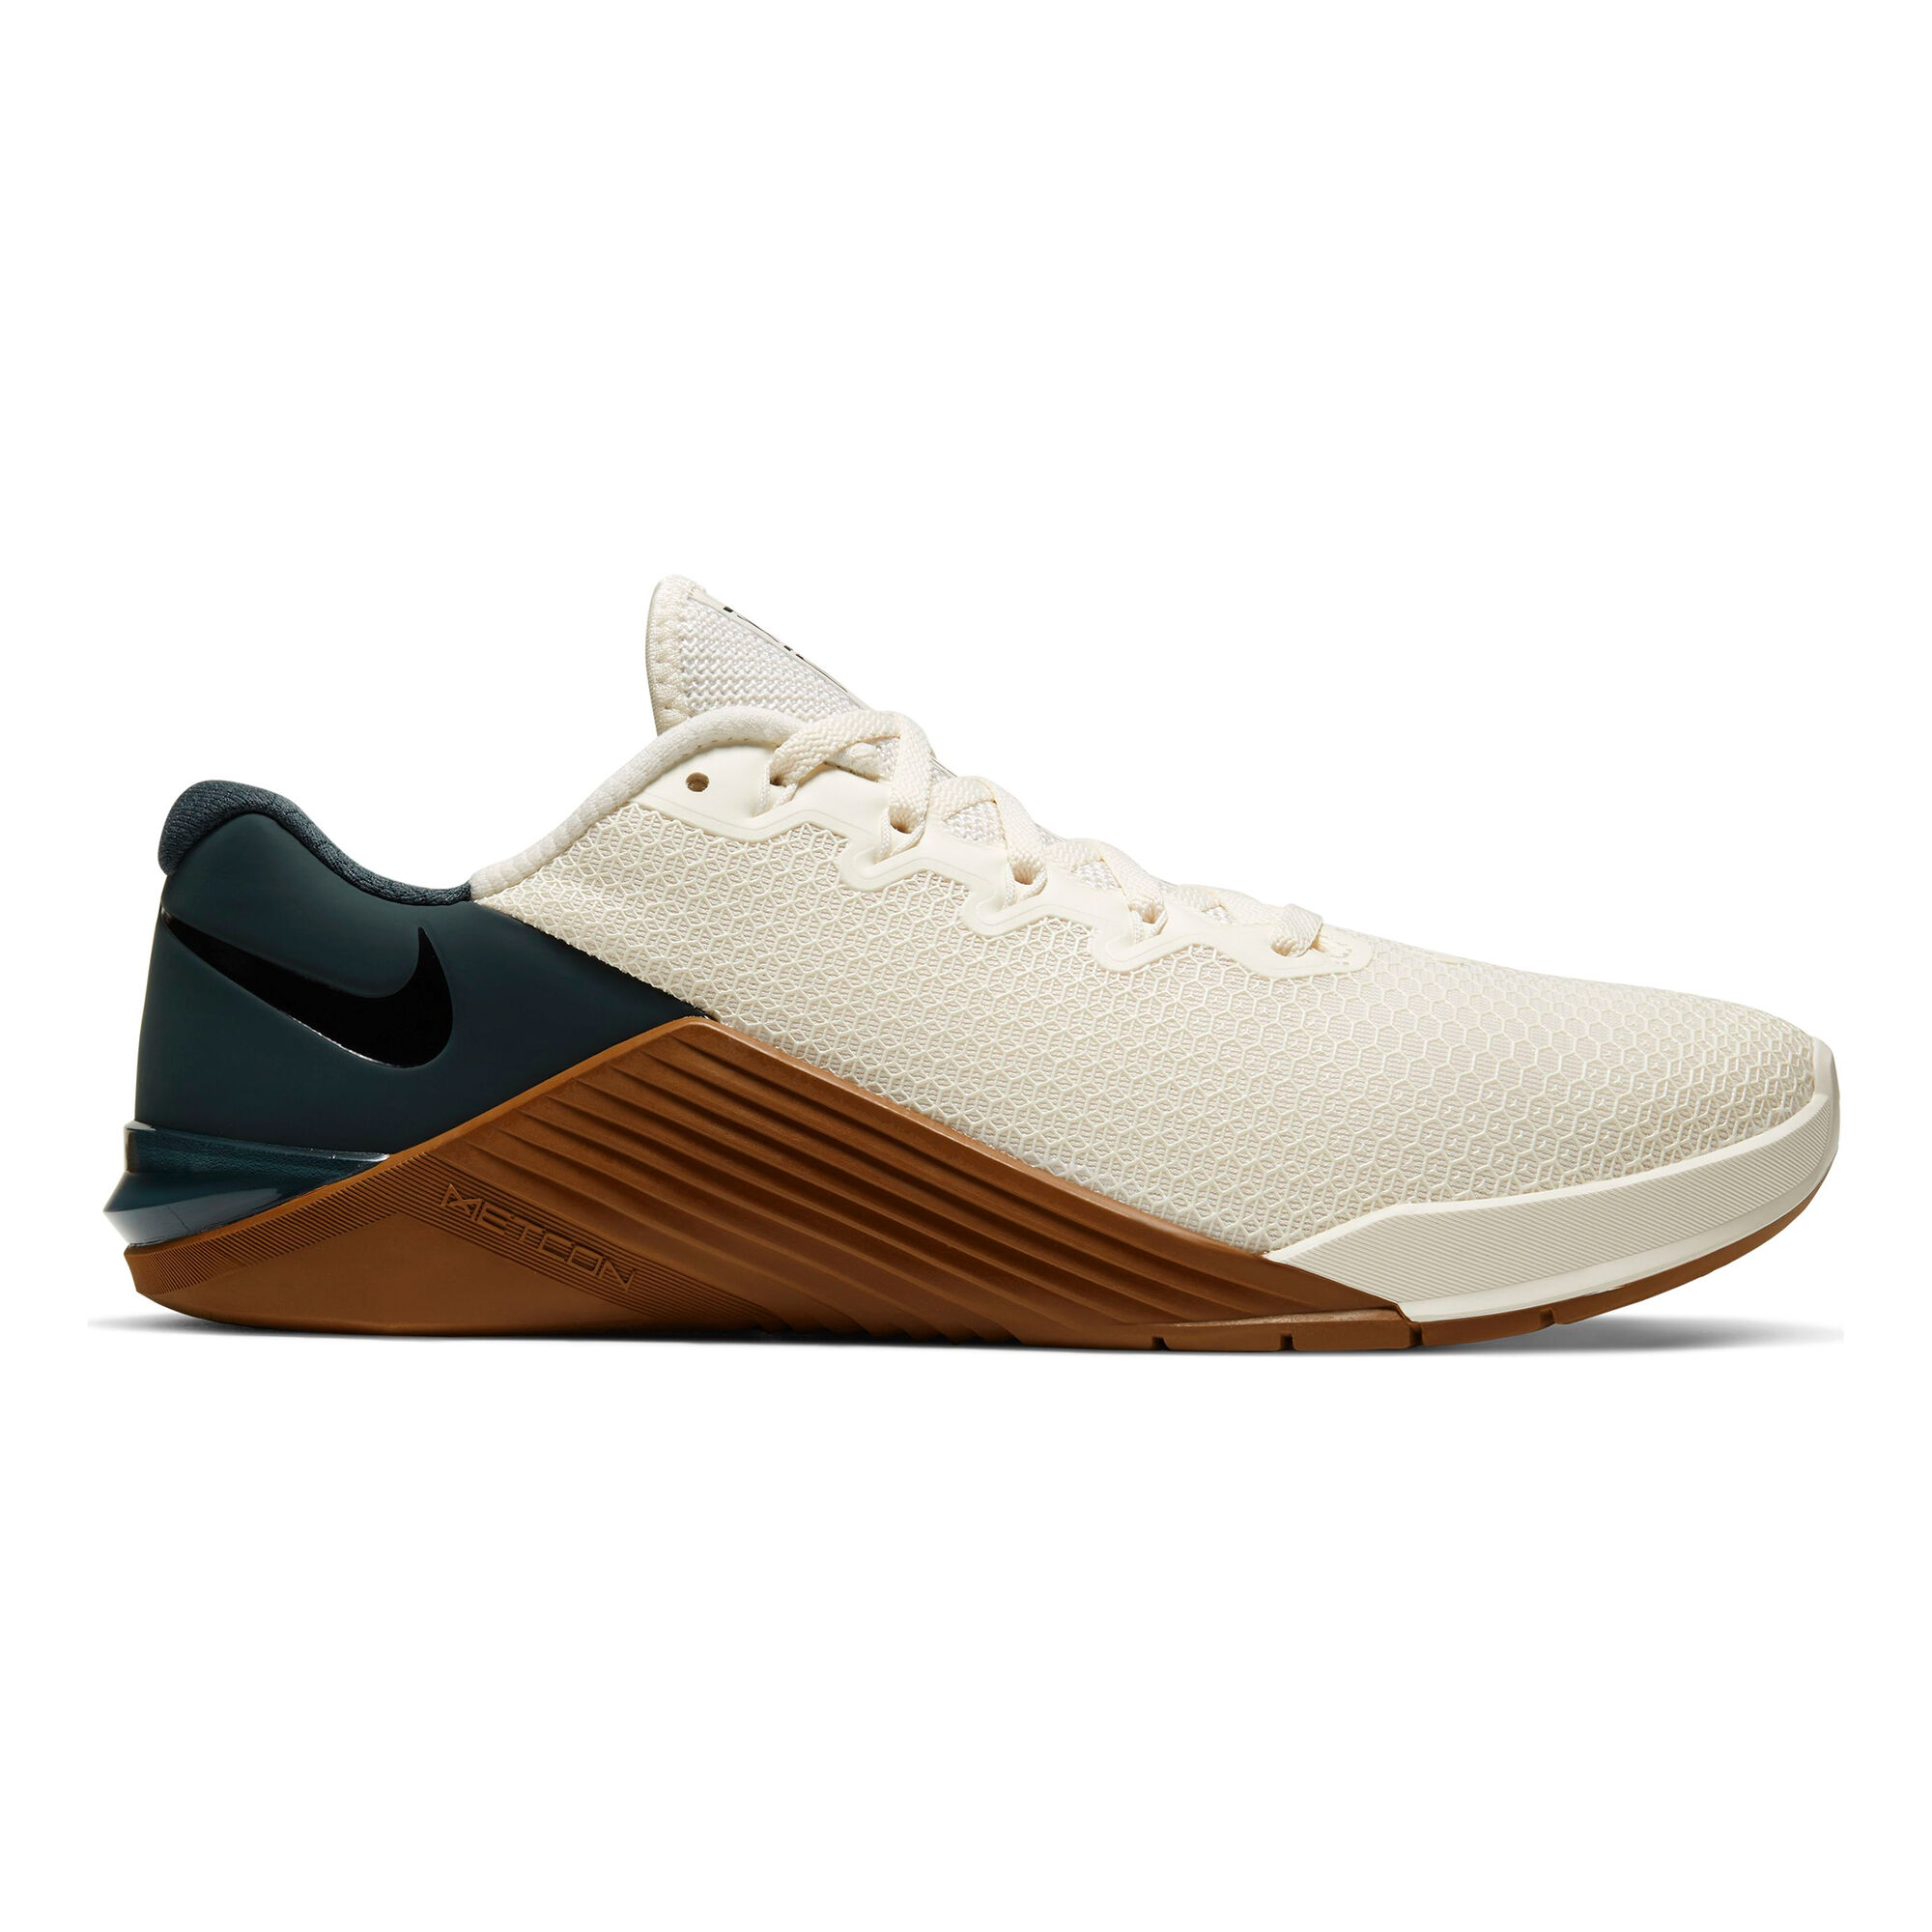 rodar templar Contratista  buy Nike Metcon 5 Fitness Shoe Men - Cream, Black online   Jogging-Point